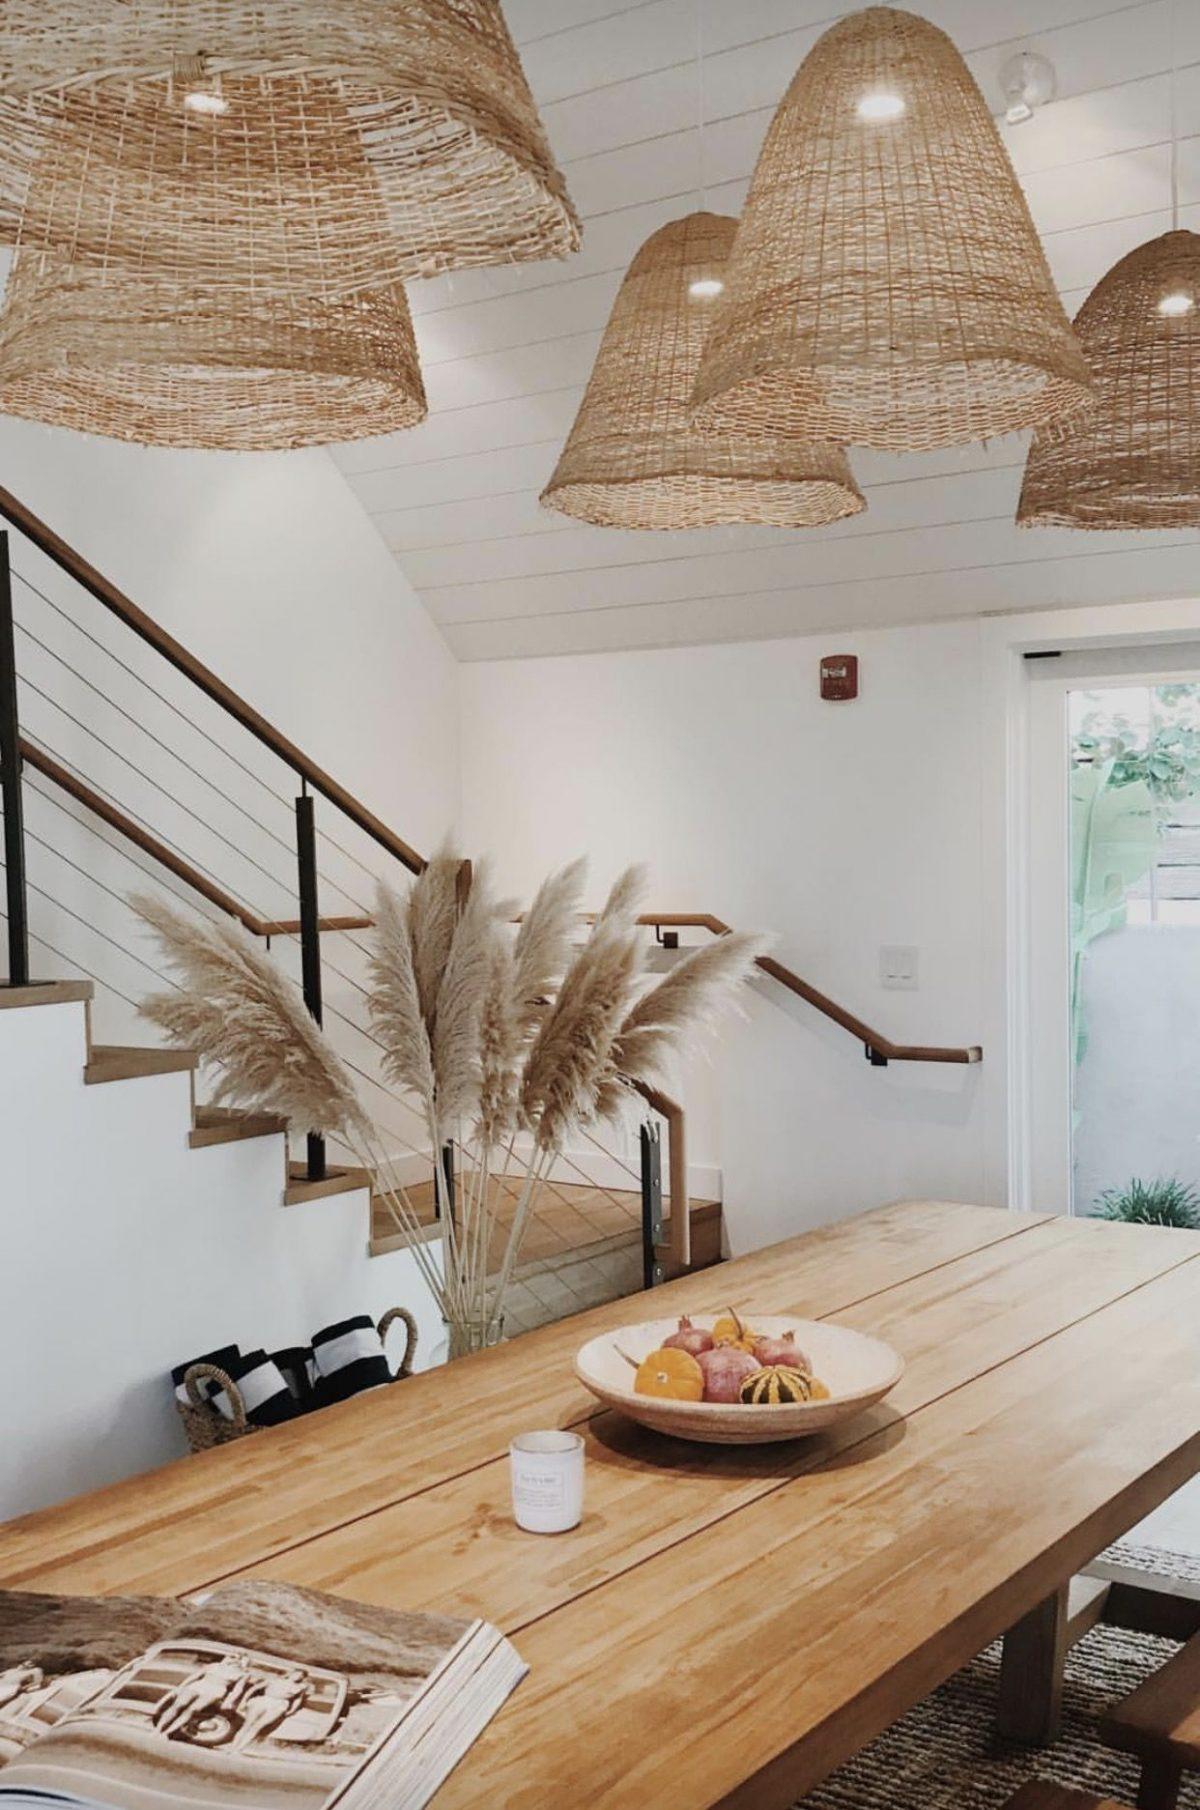 l'herbe de la pampa cuisine salle à manger - blog déco - clem around the corner